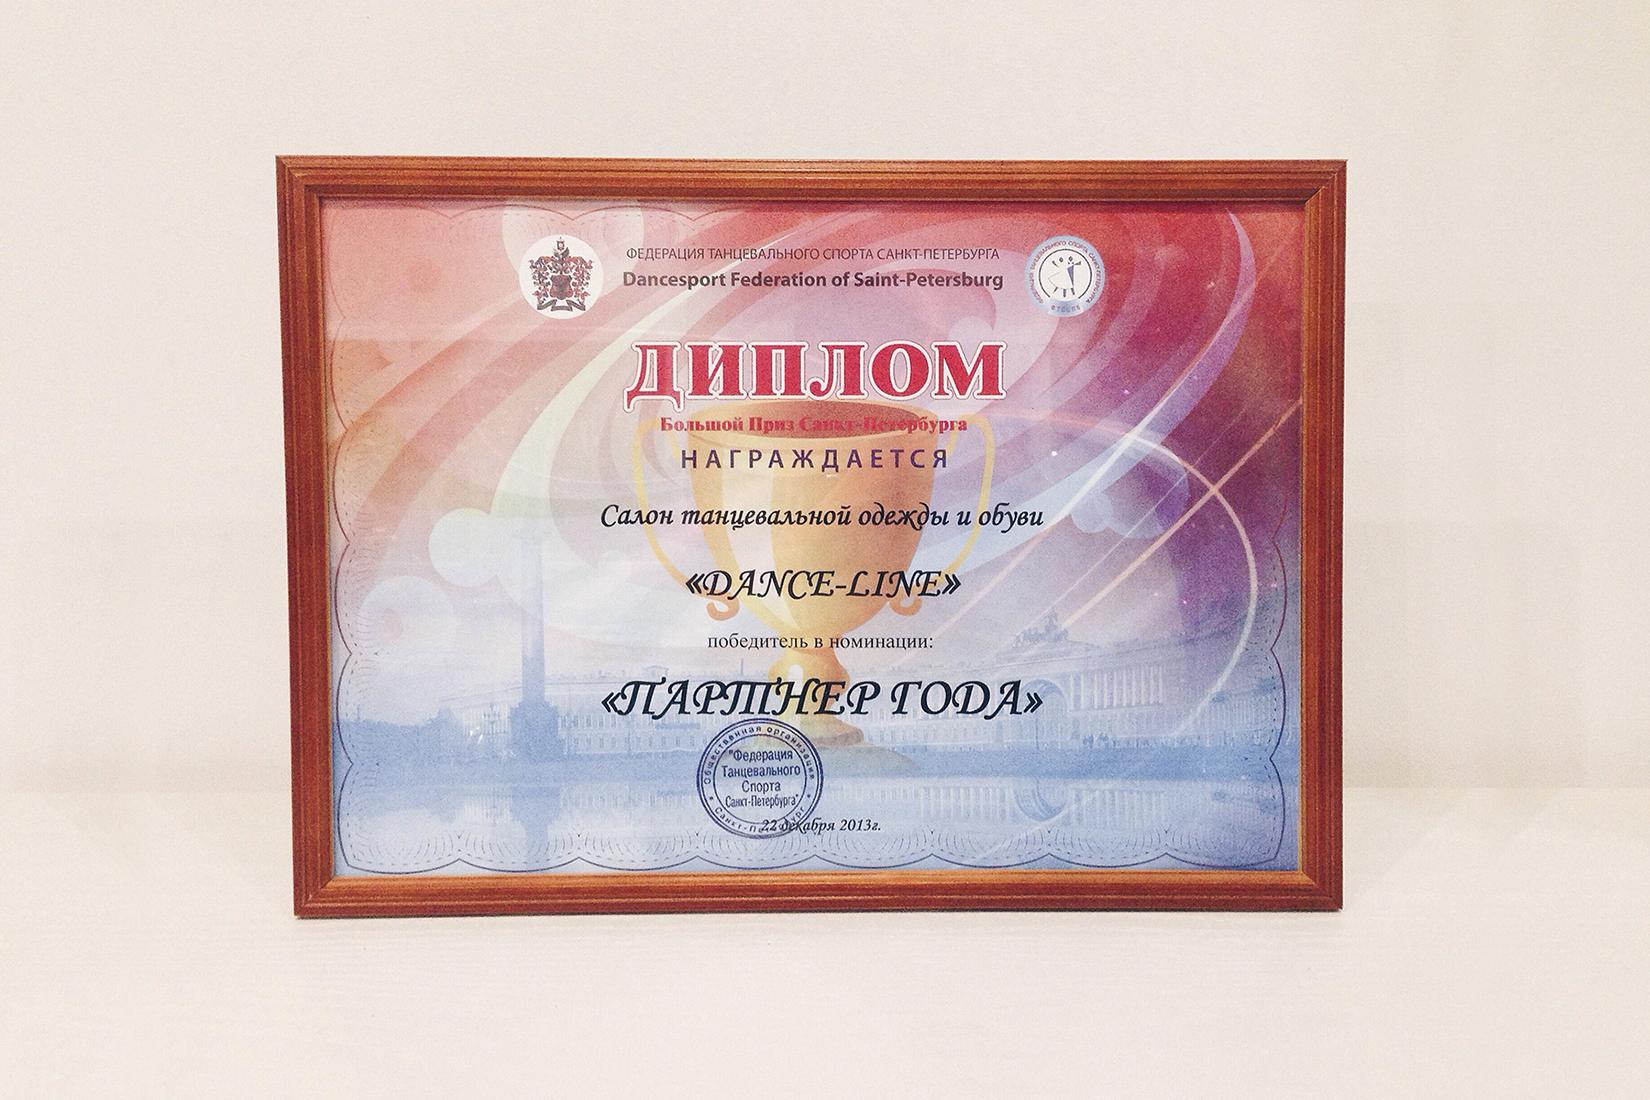 Диплом Большой Приз Санкт-Петербурга от Федерации Танцевального Спорта Санкт-Петербурга за победу в номинации «Партнер Года»